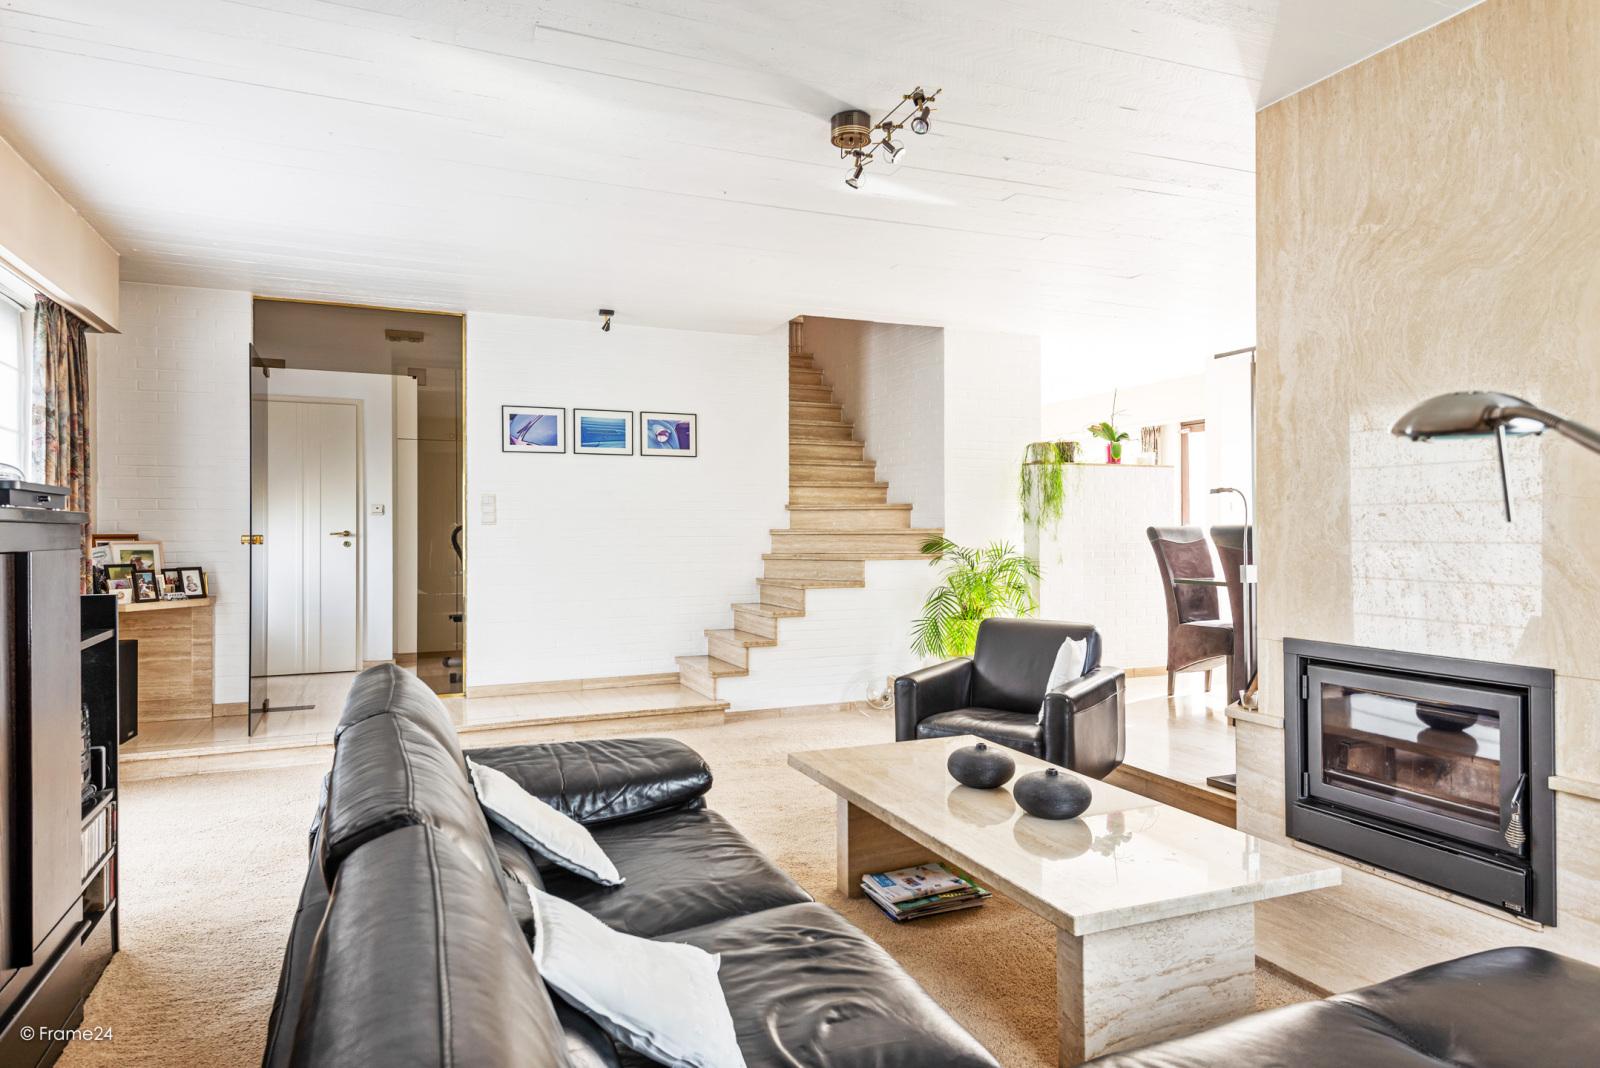 Zeer verzorgde halfopen woning met 4 slaapkamers en gelegen op een hoekperceel van 457 m²! afbeelding 3